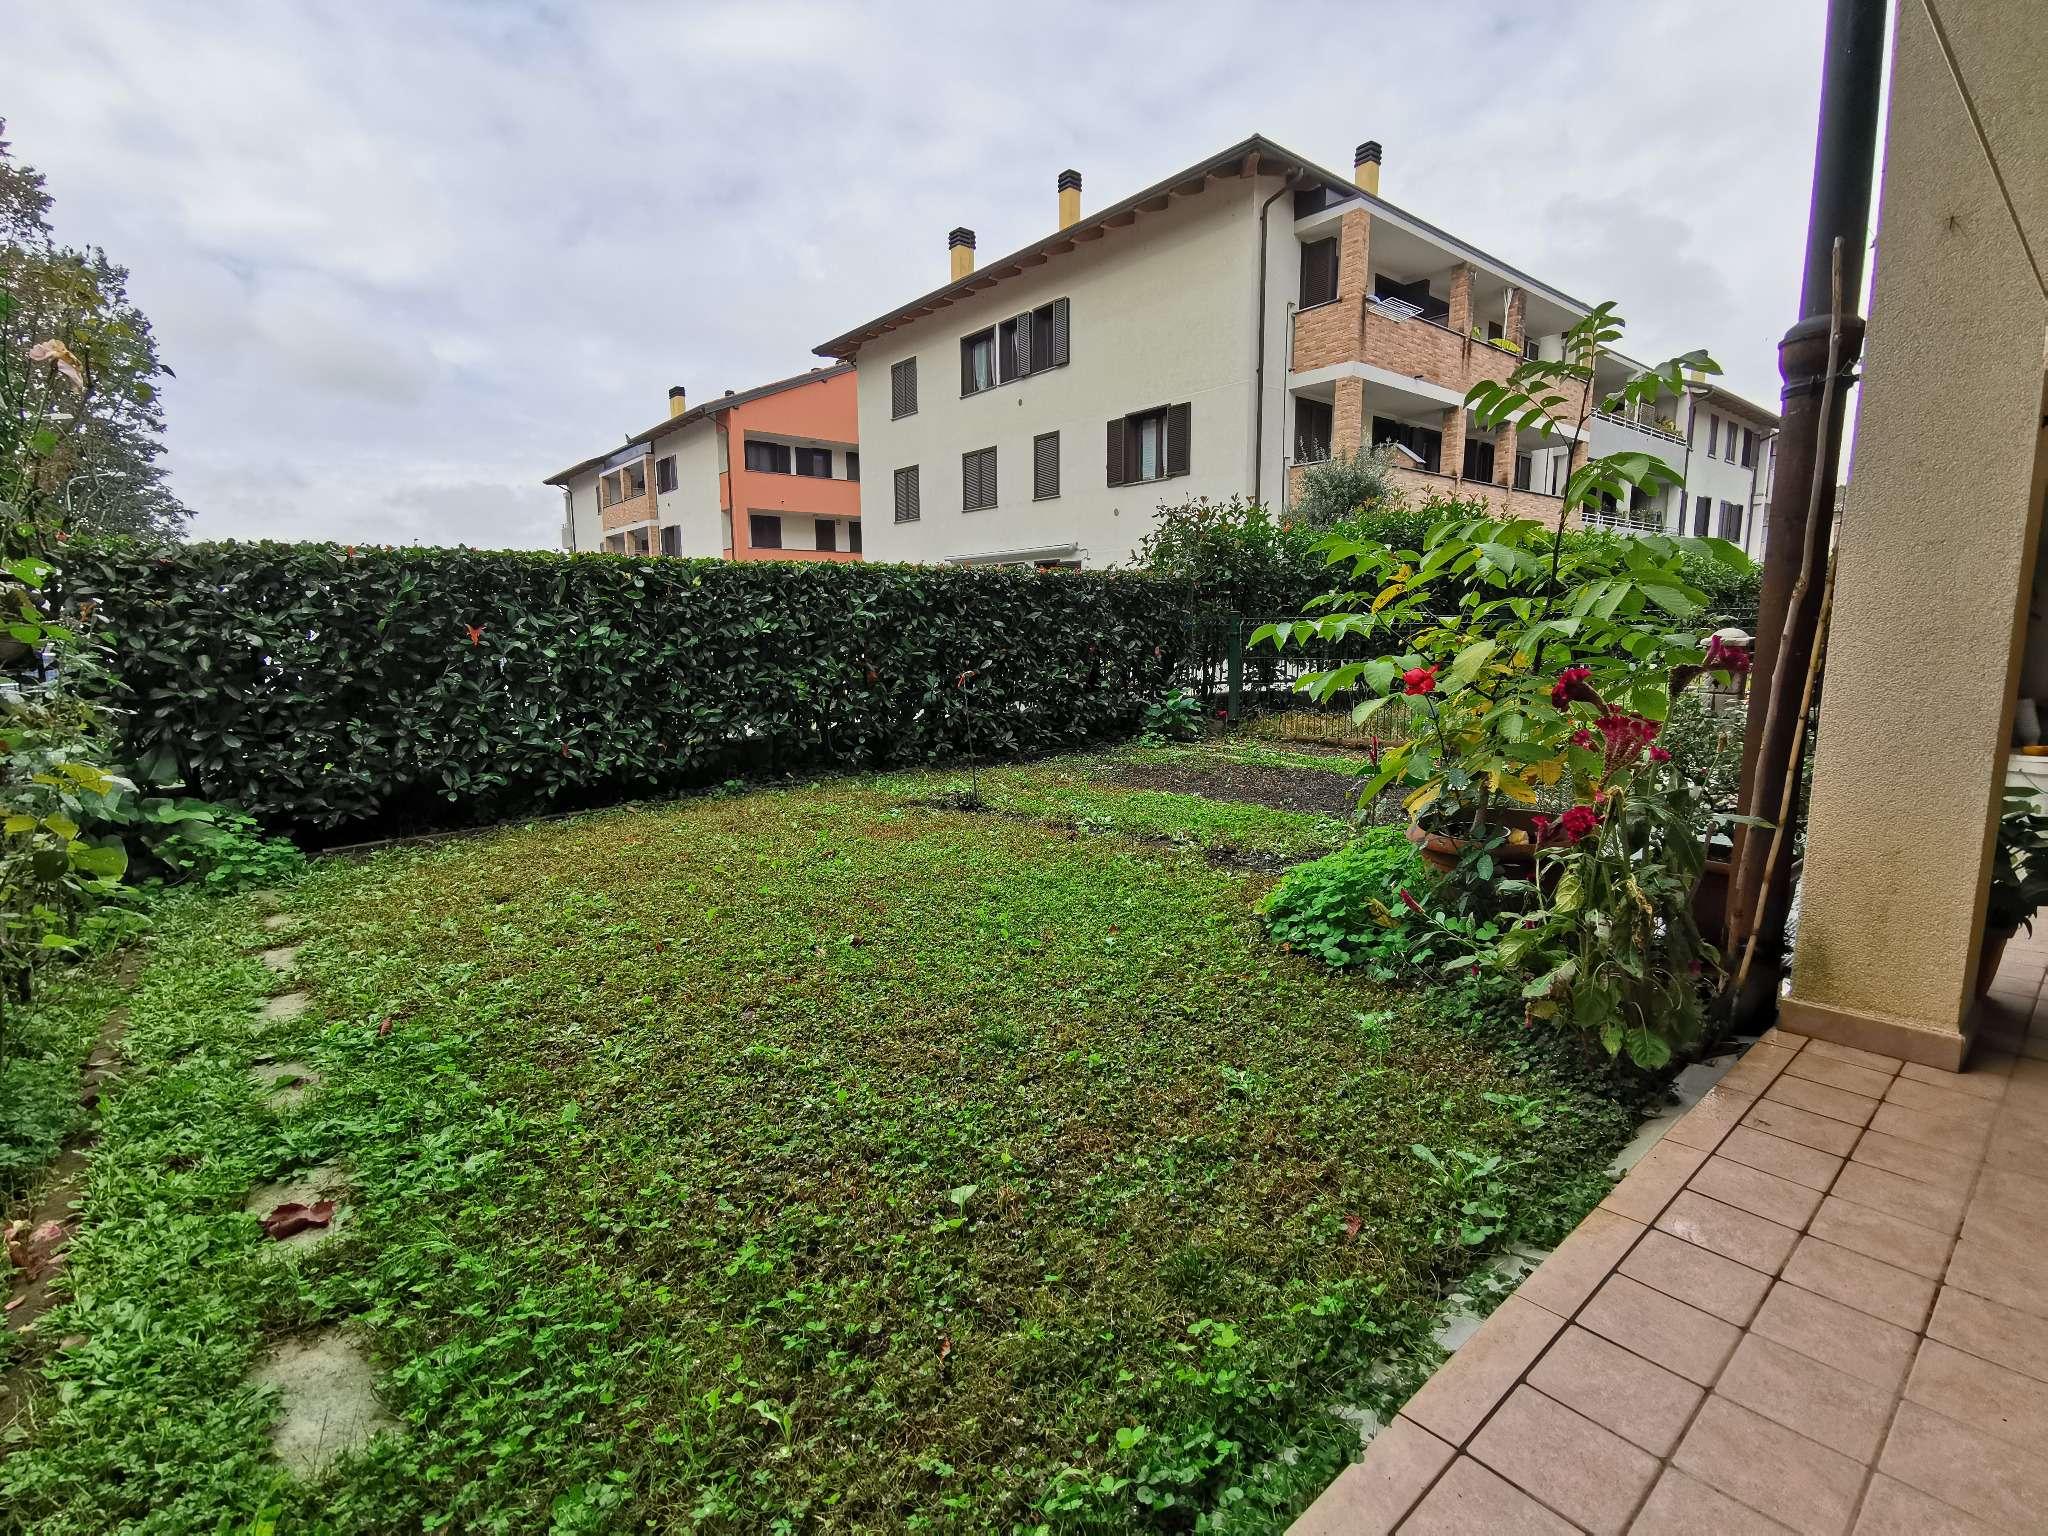 Appartamento in vendita a Casirate d'Adda, 2 locali, prezzo € 75.000 | PortaleAgenzieImmobiliari.it